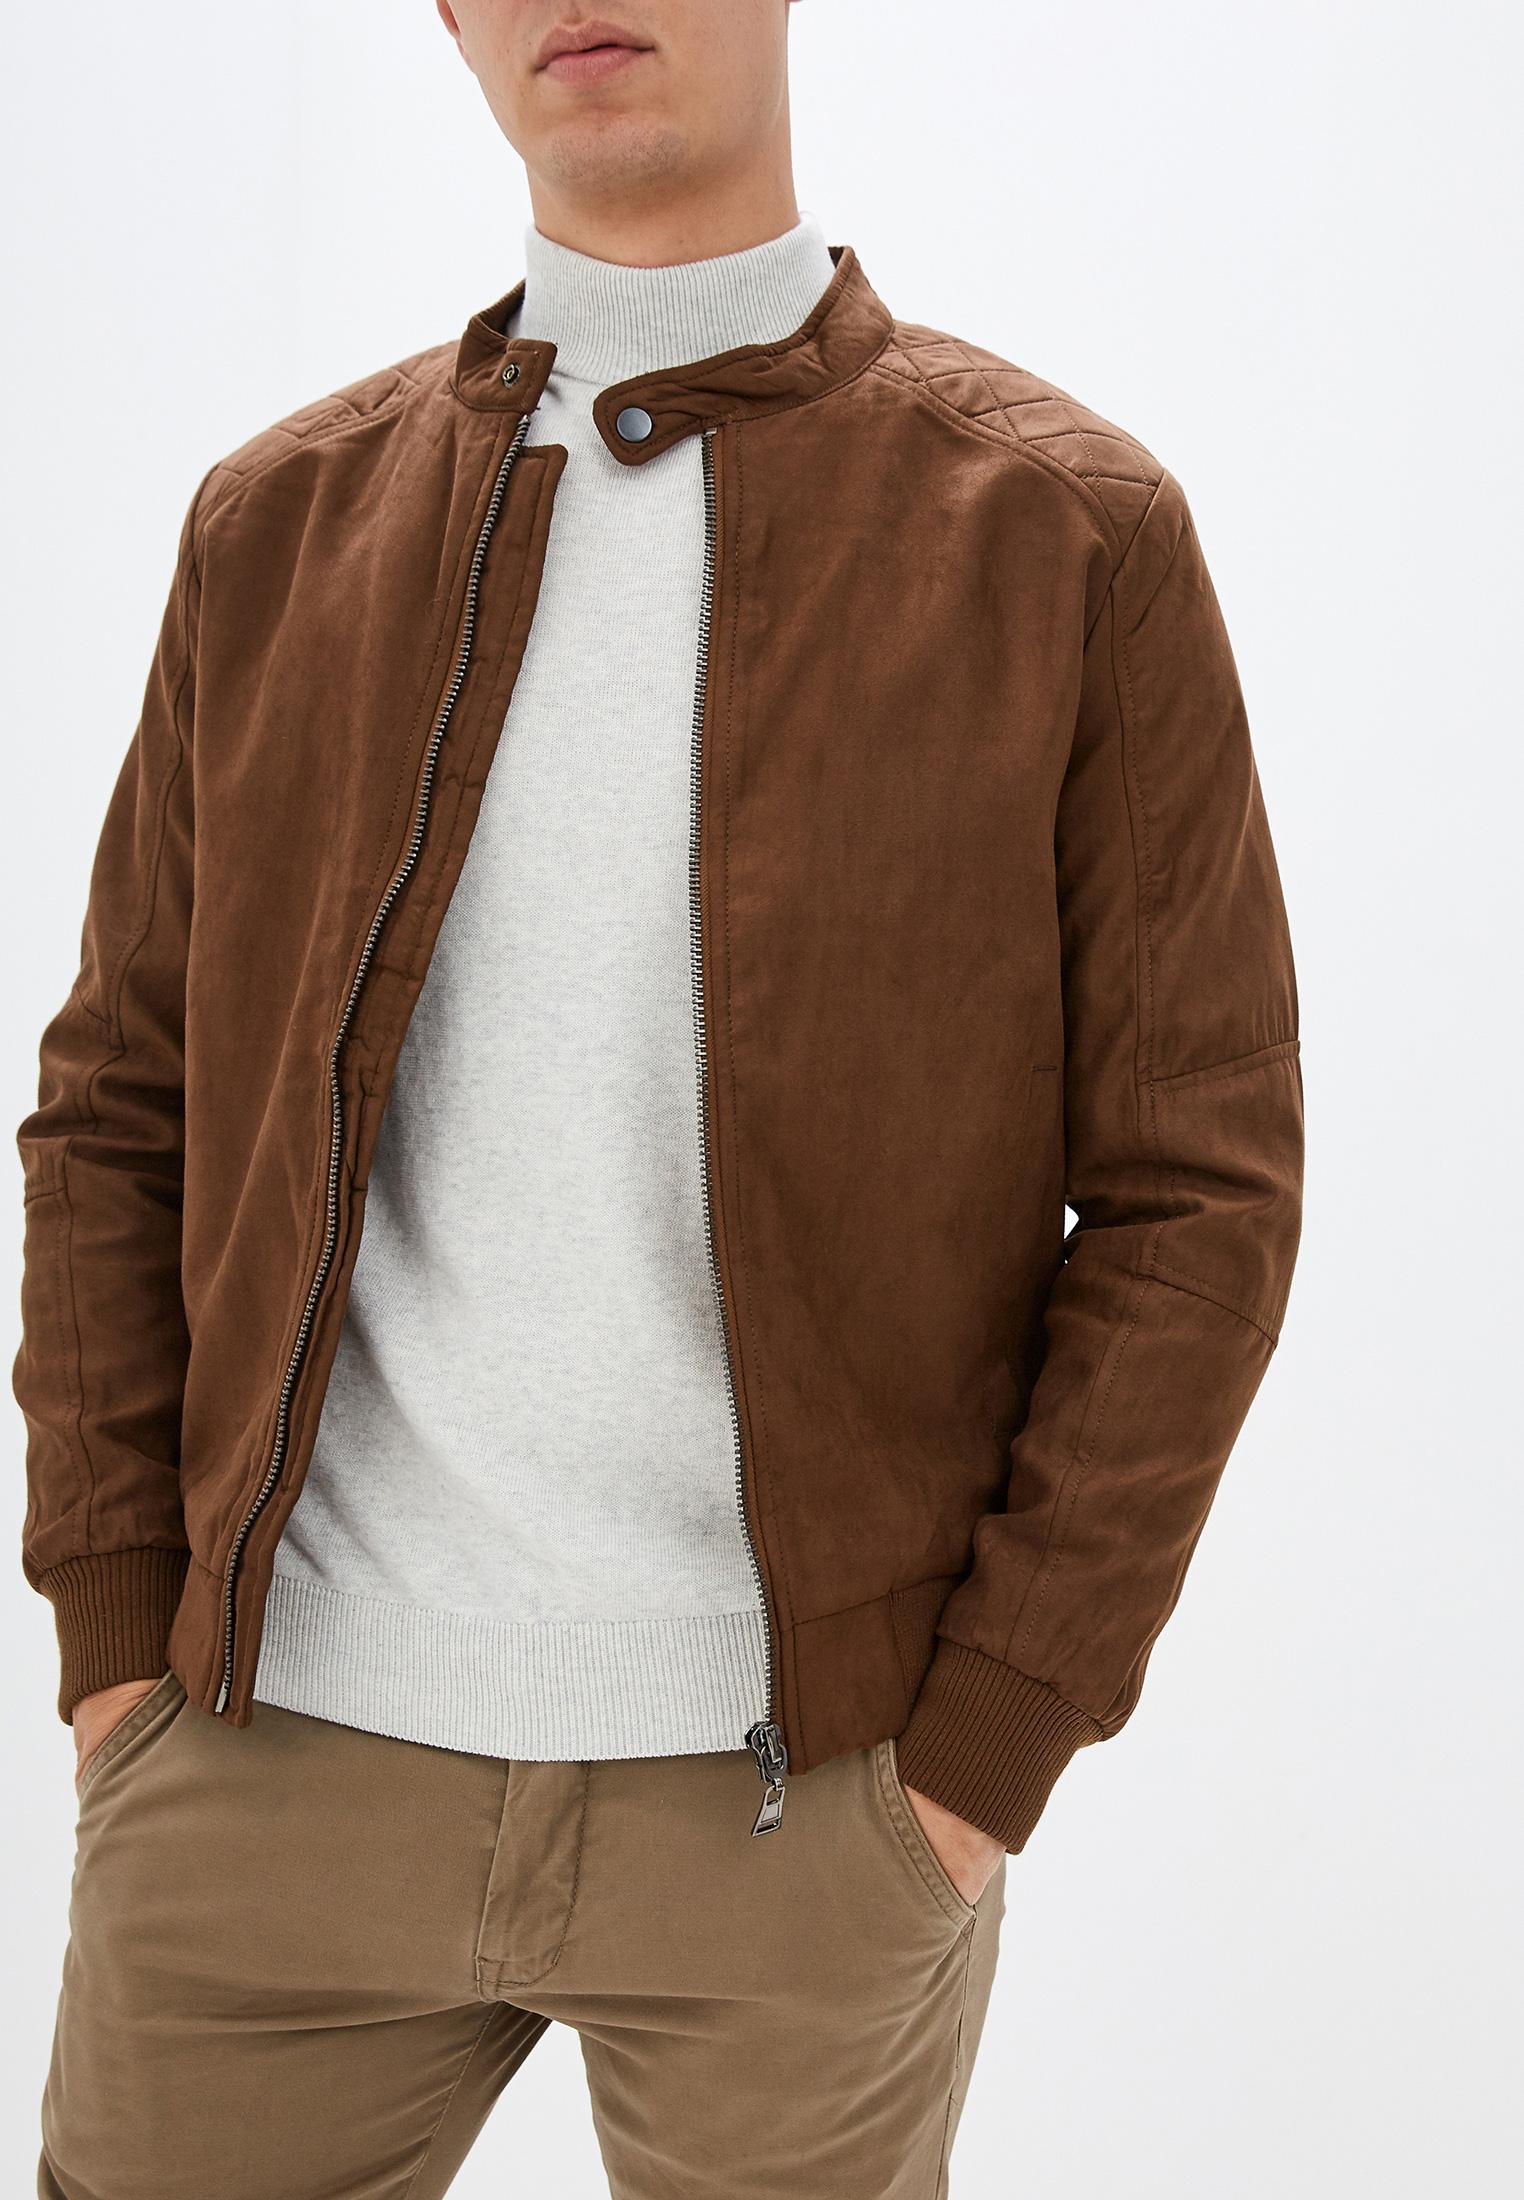 Куртка кожаная, Tony Backer, цвет: коричневый. Артикул: CH036EMGRWU1. Одежда / Верхняя одежда / Кожаные куртки